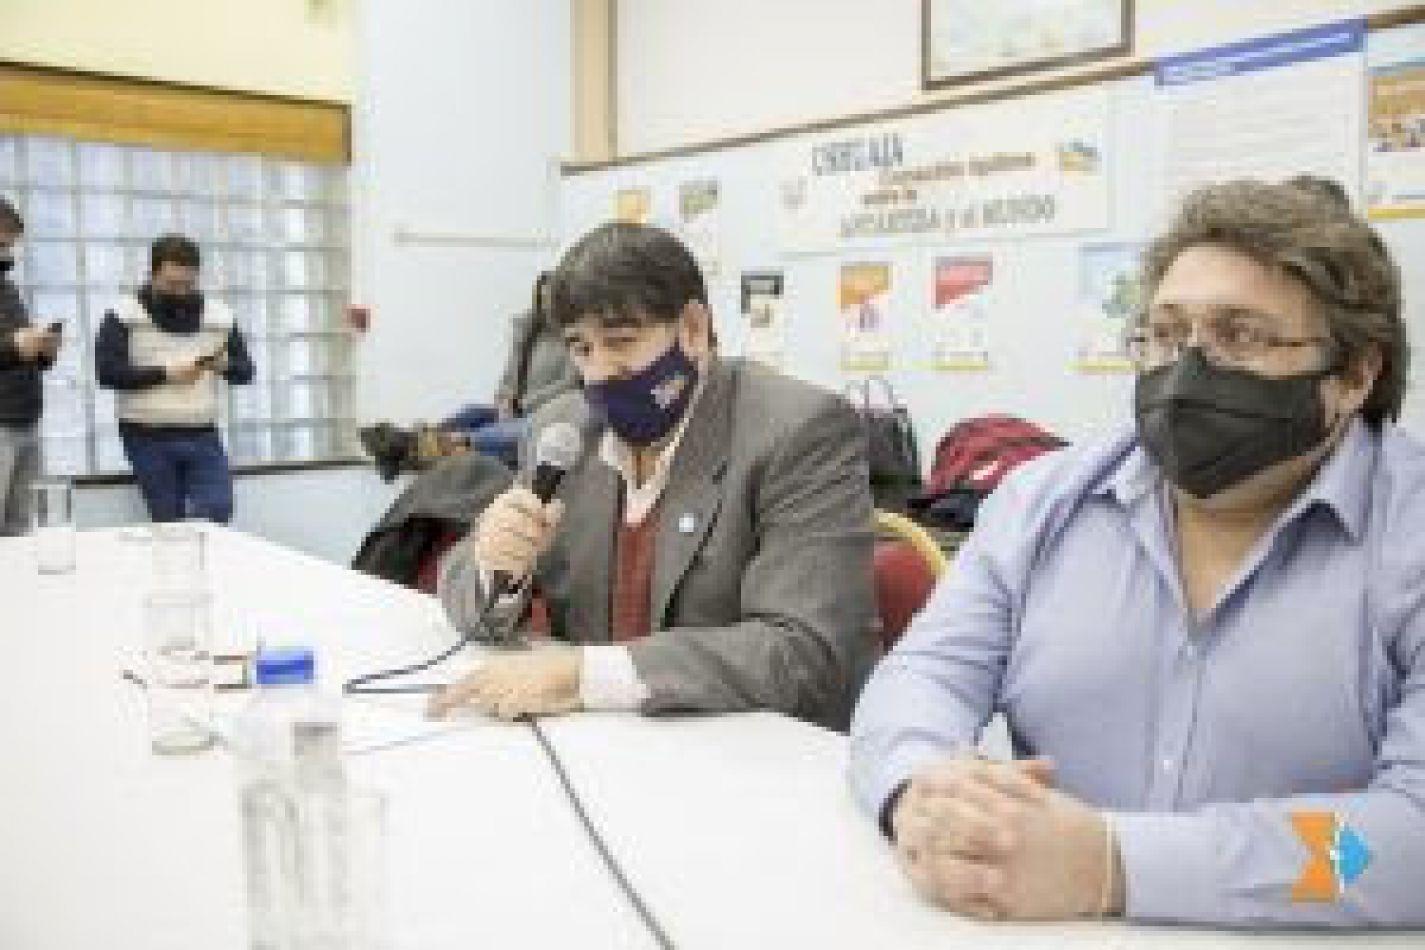 Legisladores abordaron con el Ministro de Trabajo la problemática de Textil Río Grande